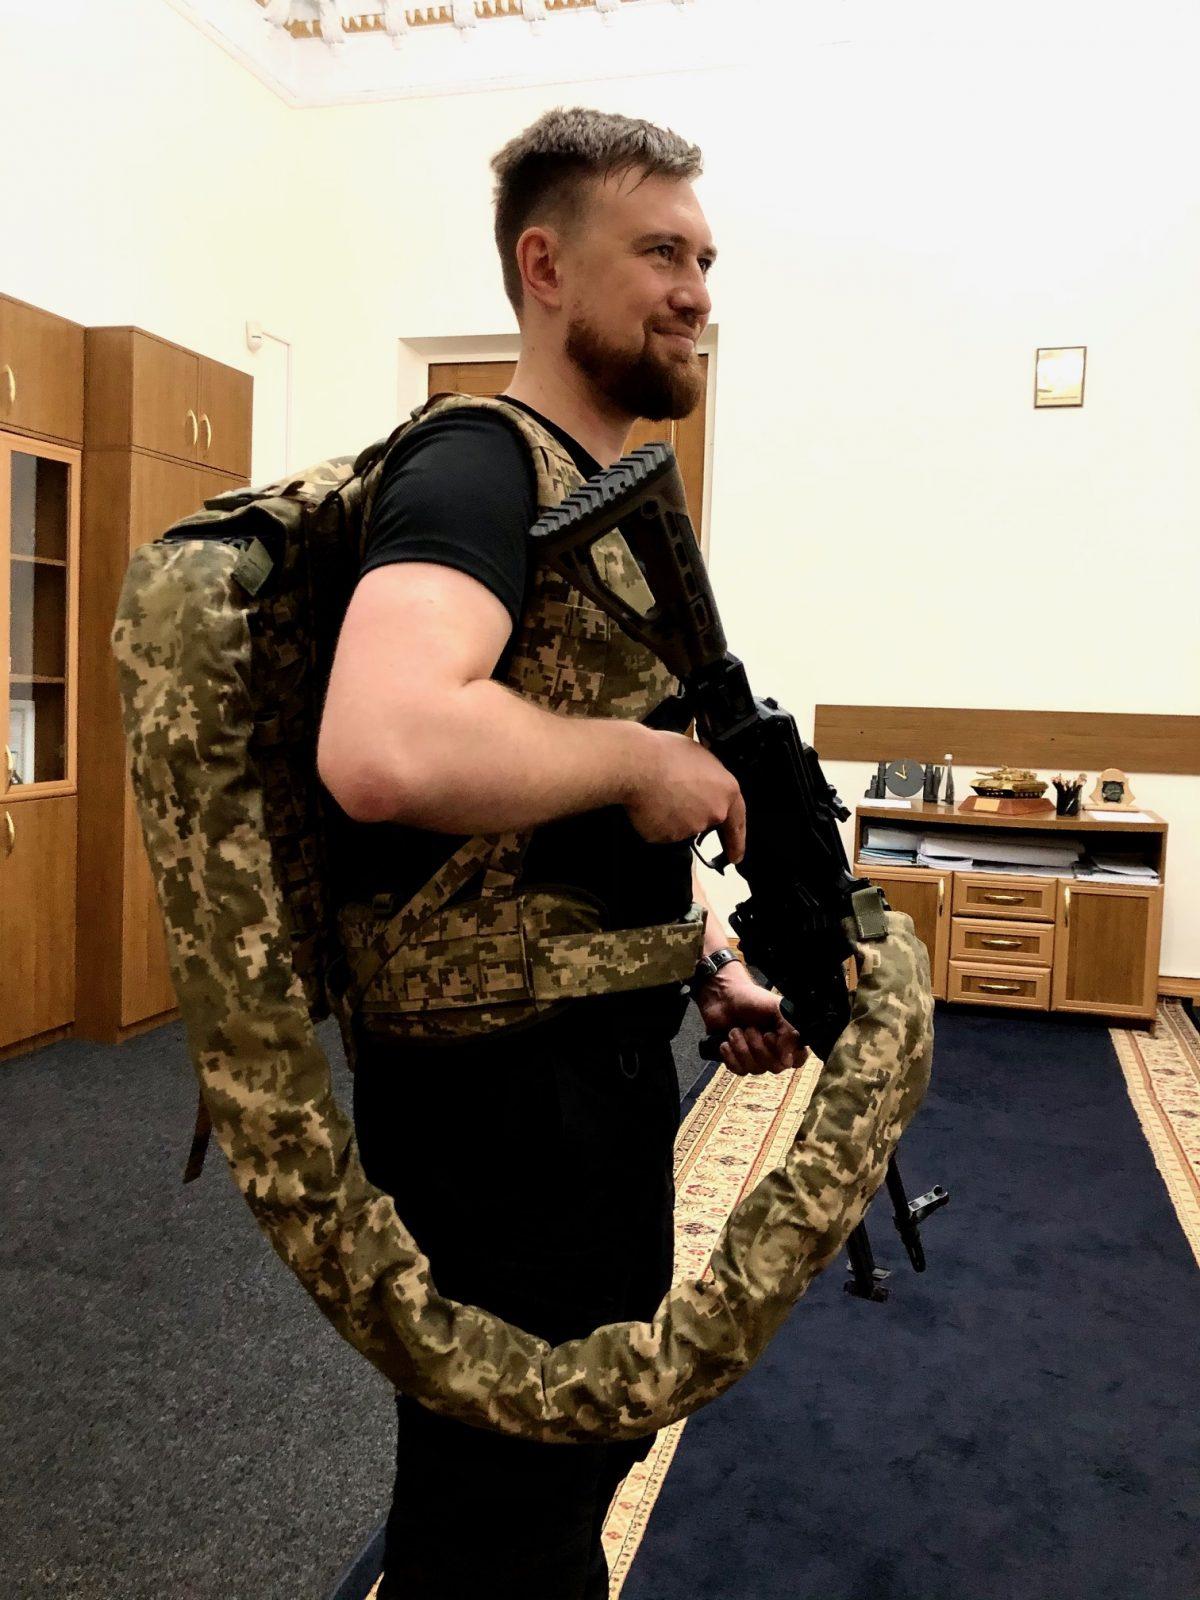 Бренд Rarog представив військовим кулеметний комплекс Хижак, пластикову кулеметну стрічку та засоби захисту